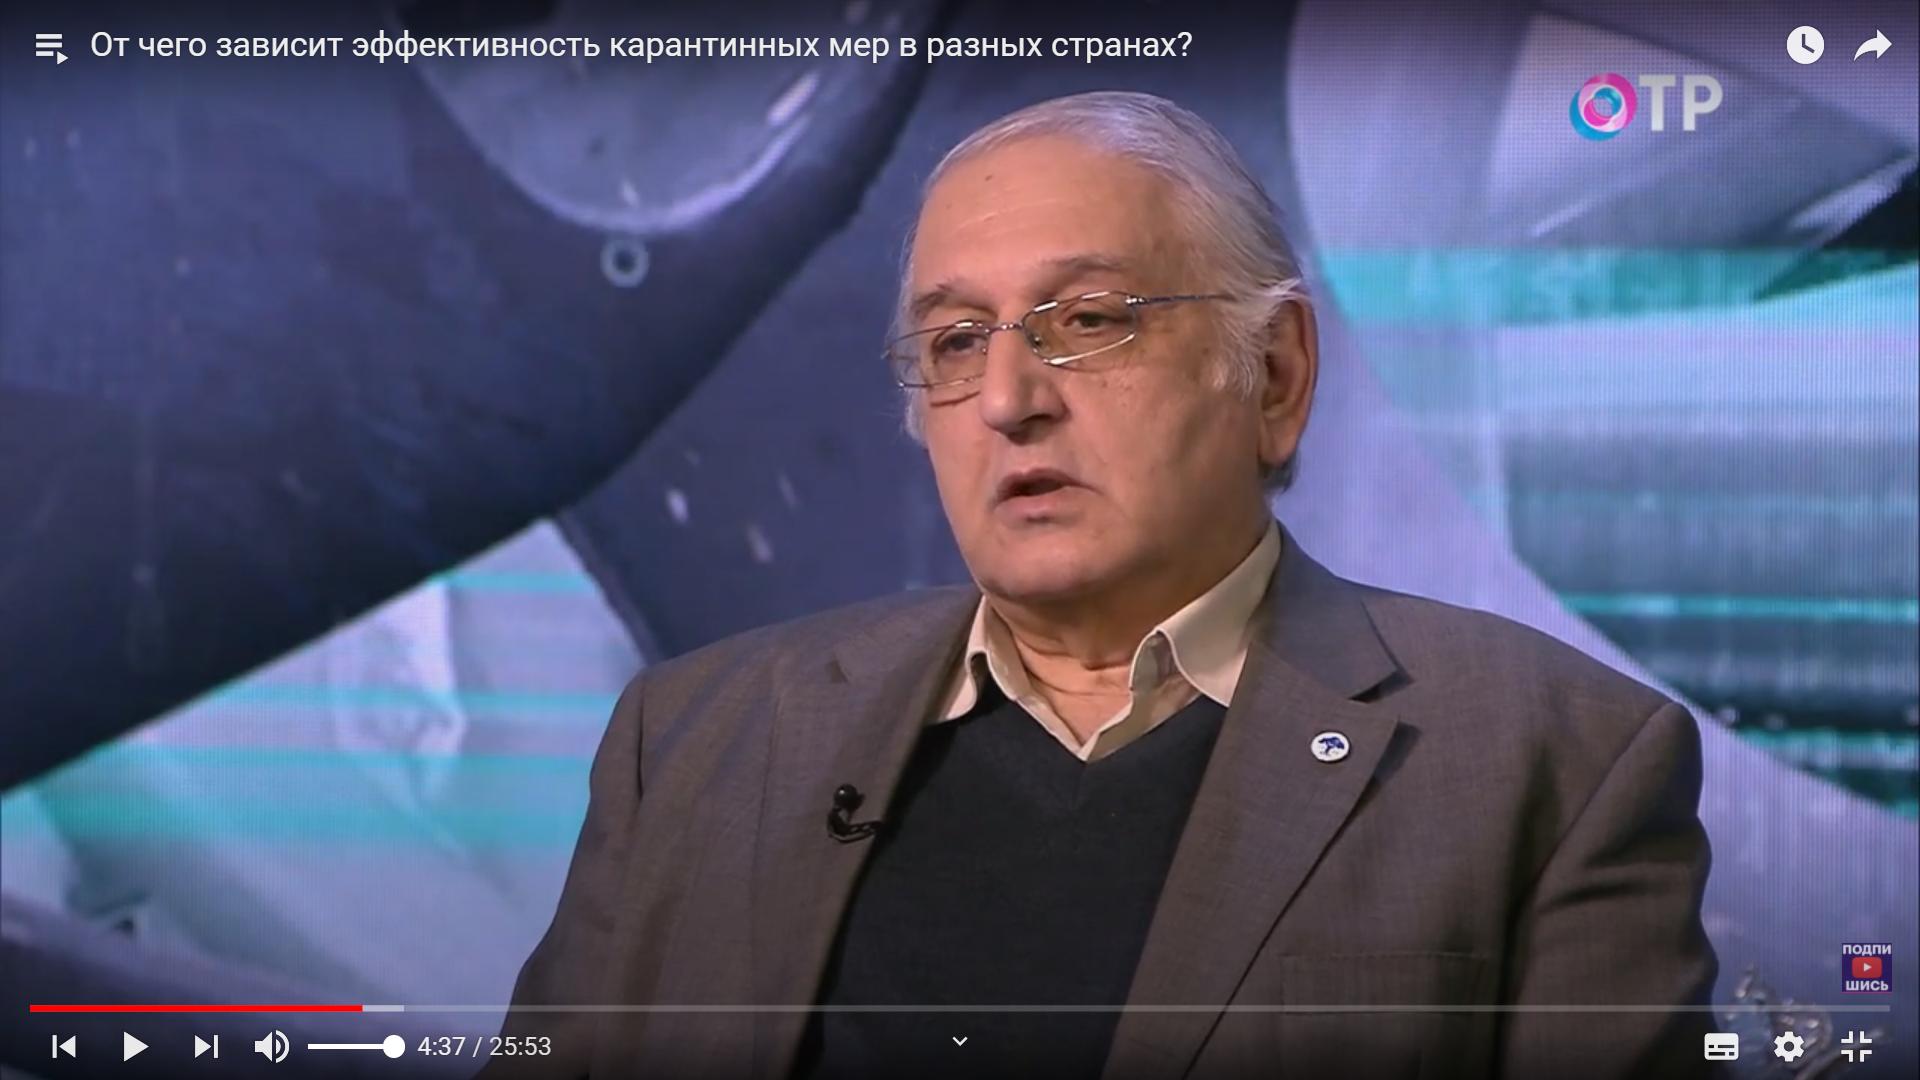 Председатель общины, профессор Алескеров Фуад Тагиевич дал интервью телеканалу ОРТ на тему эффективности противоковидных мер